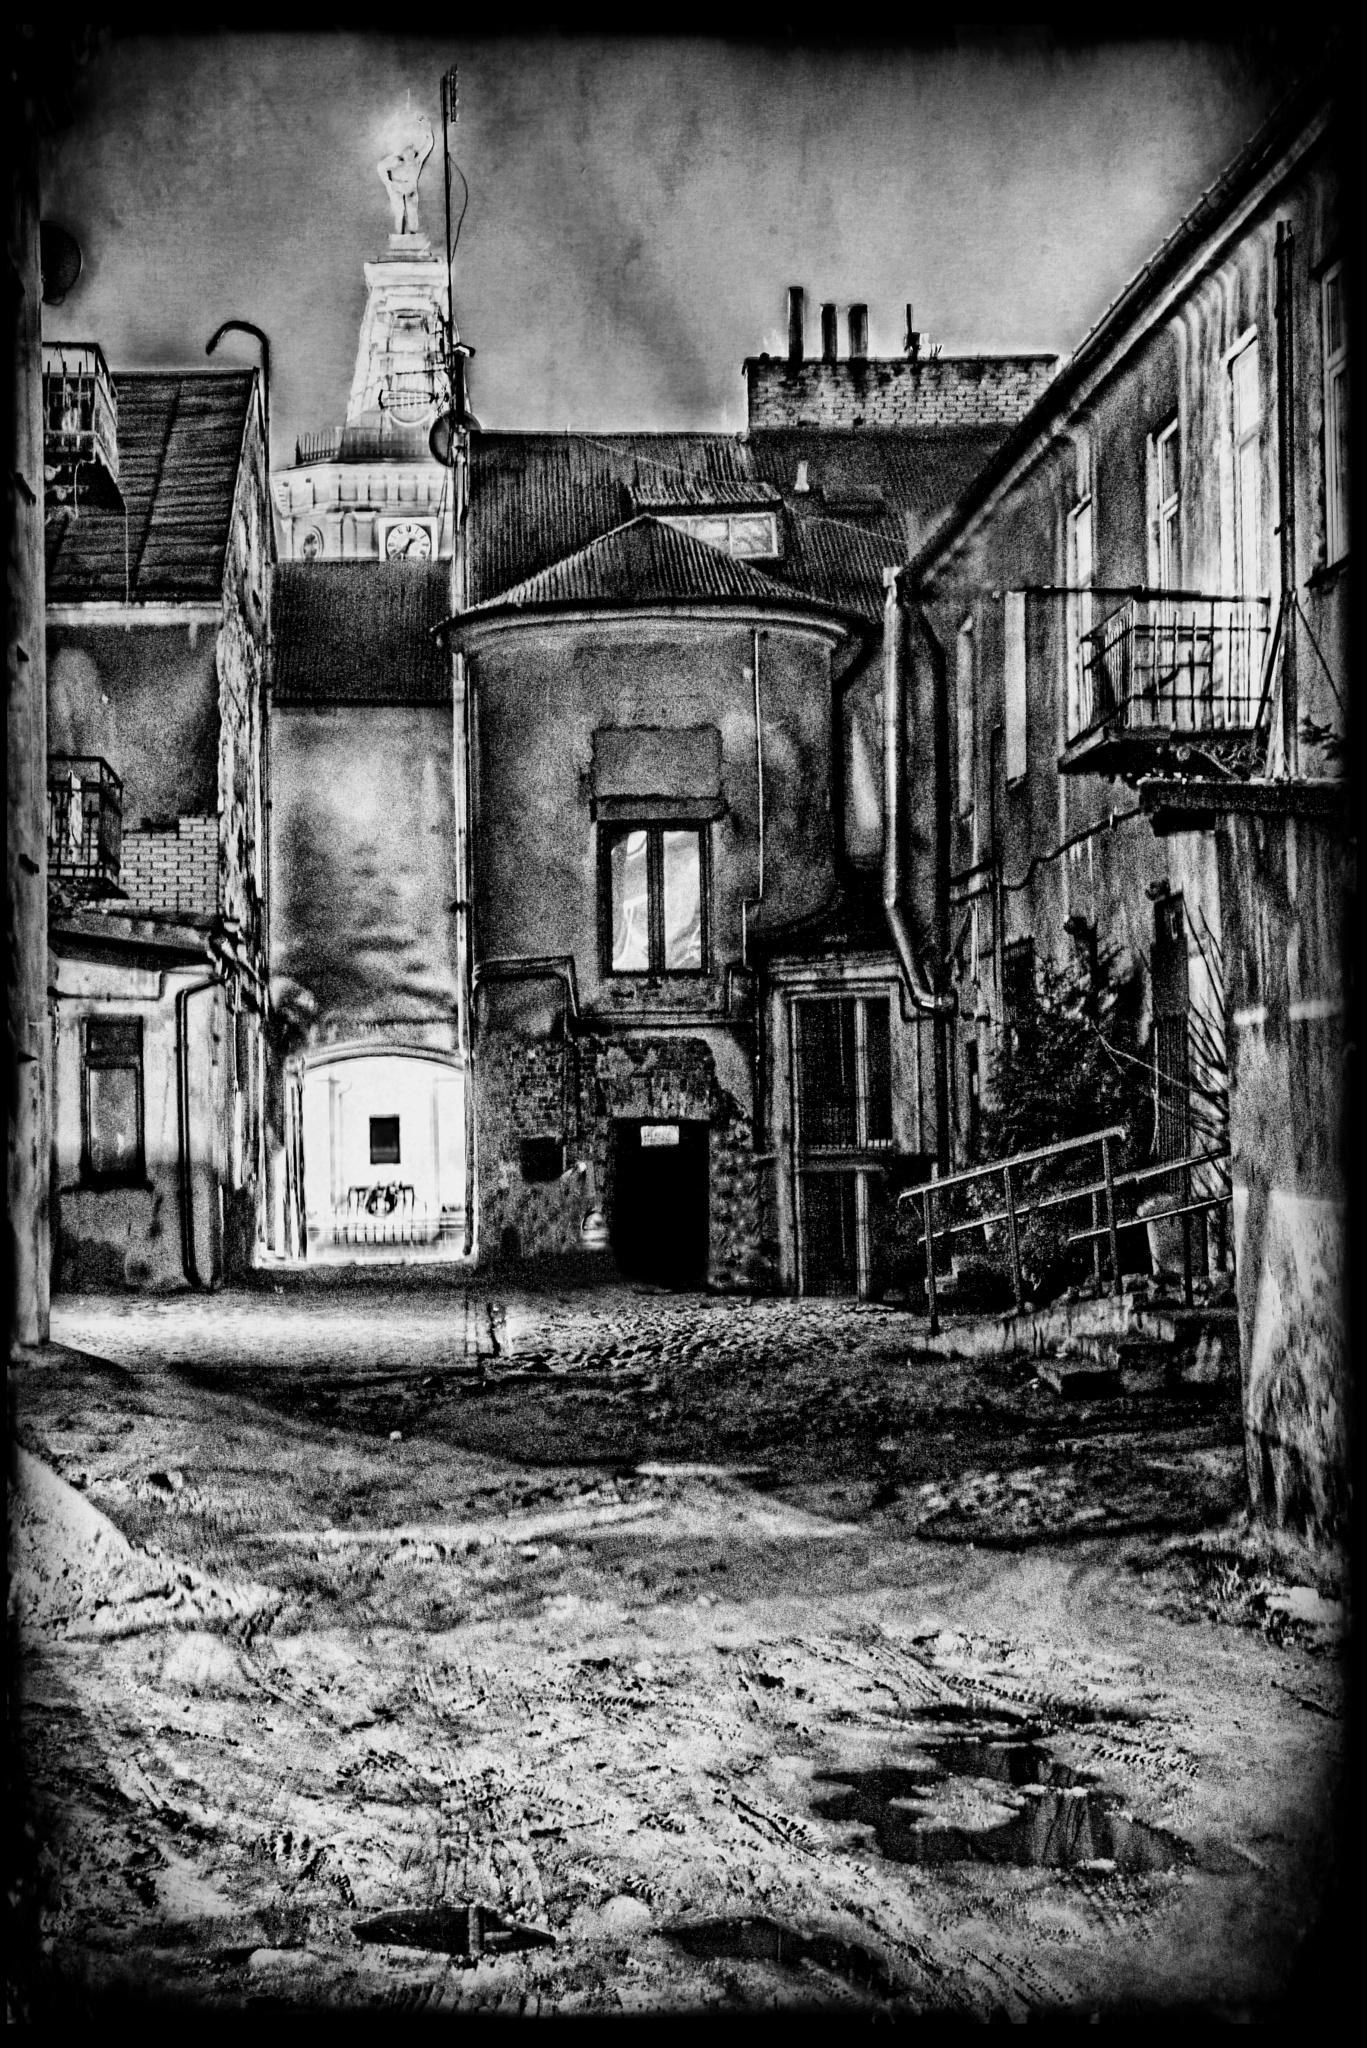 Street by Jaroslaw Grudzinski